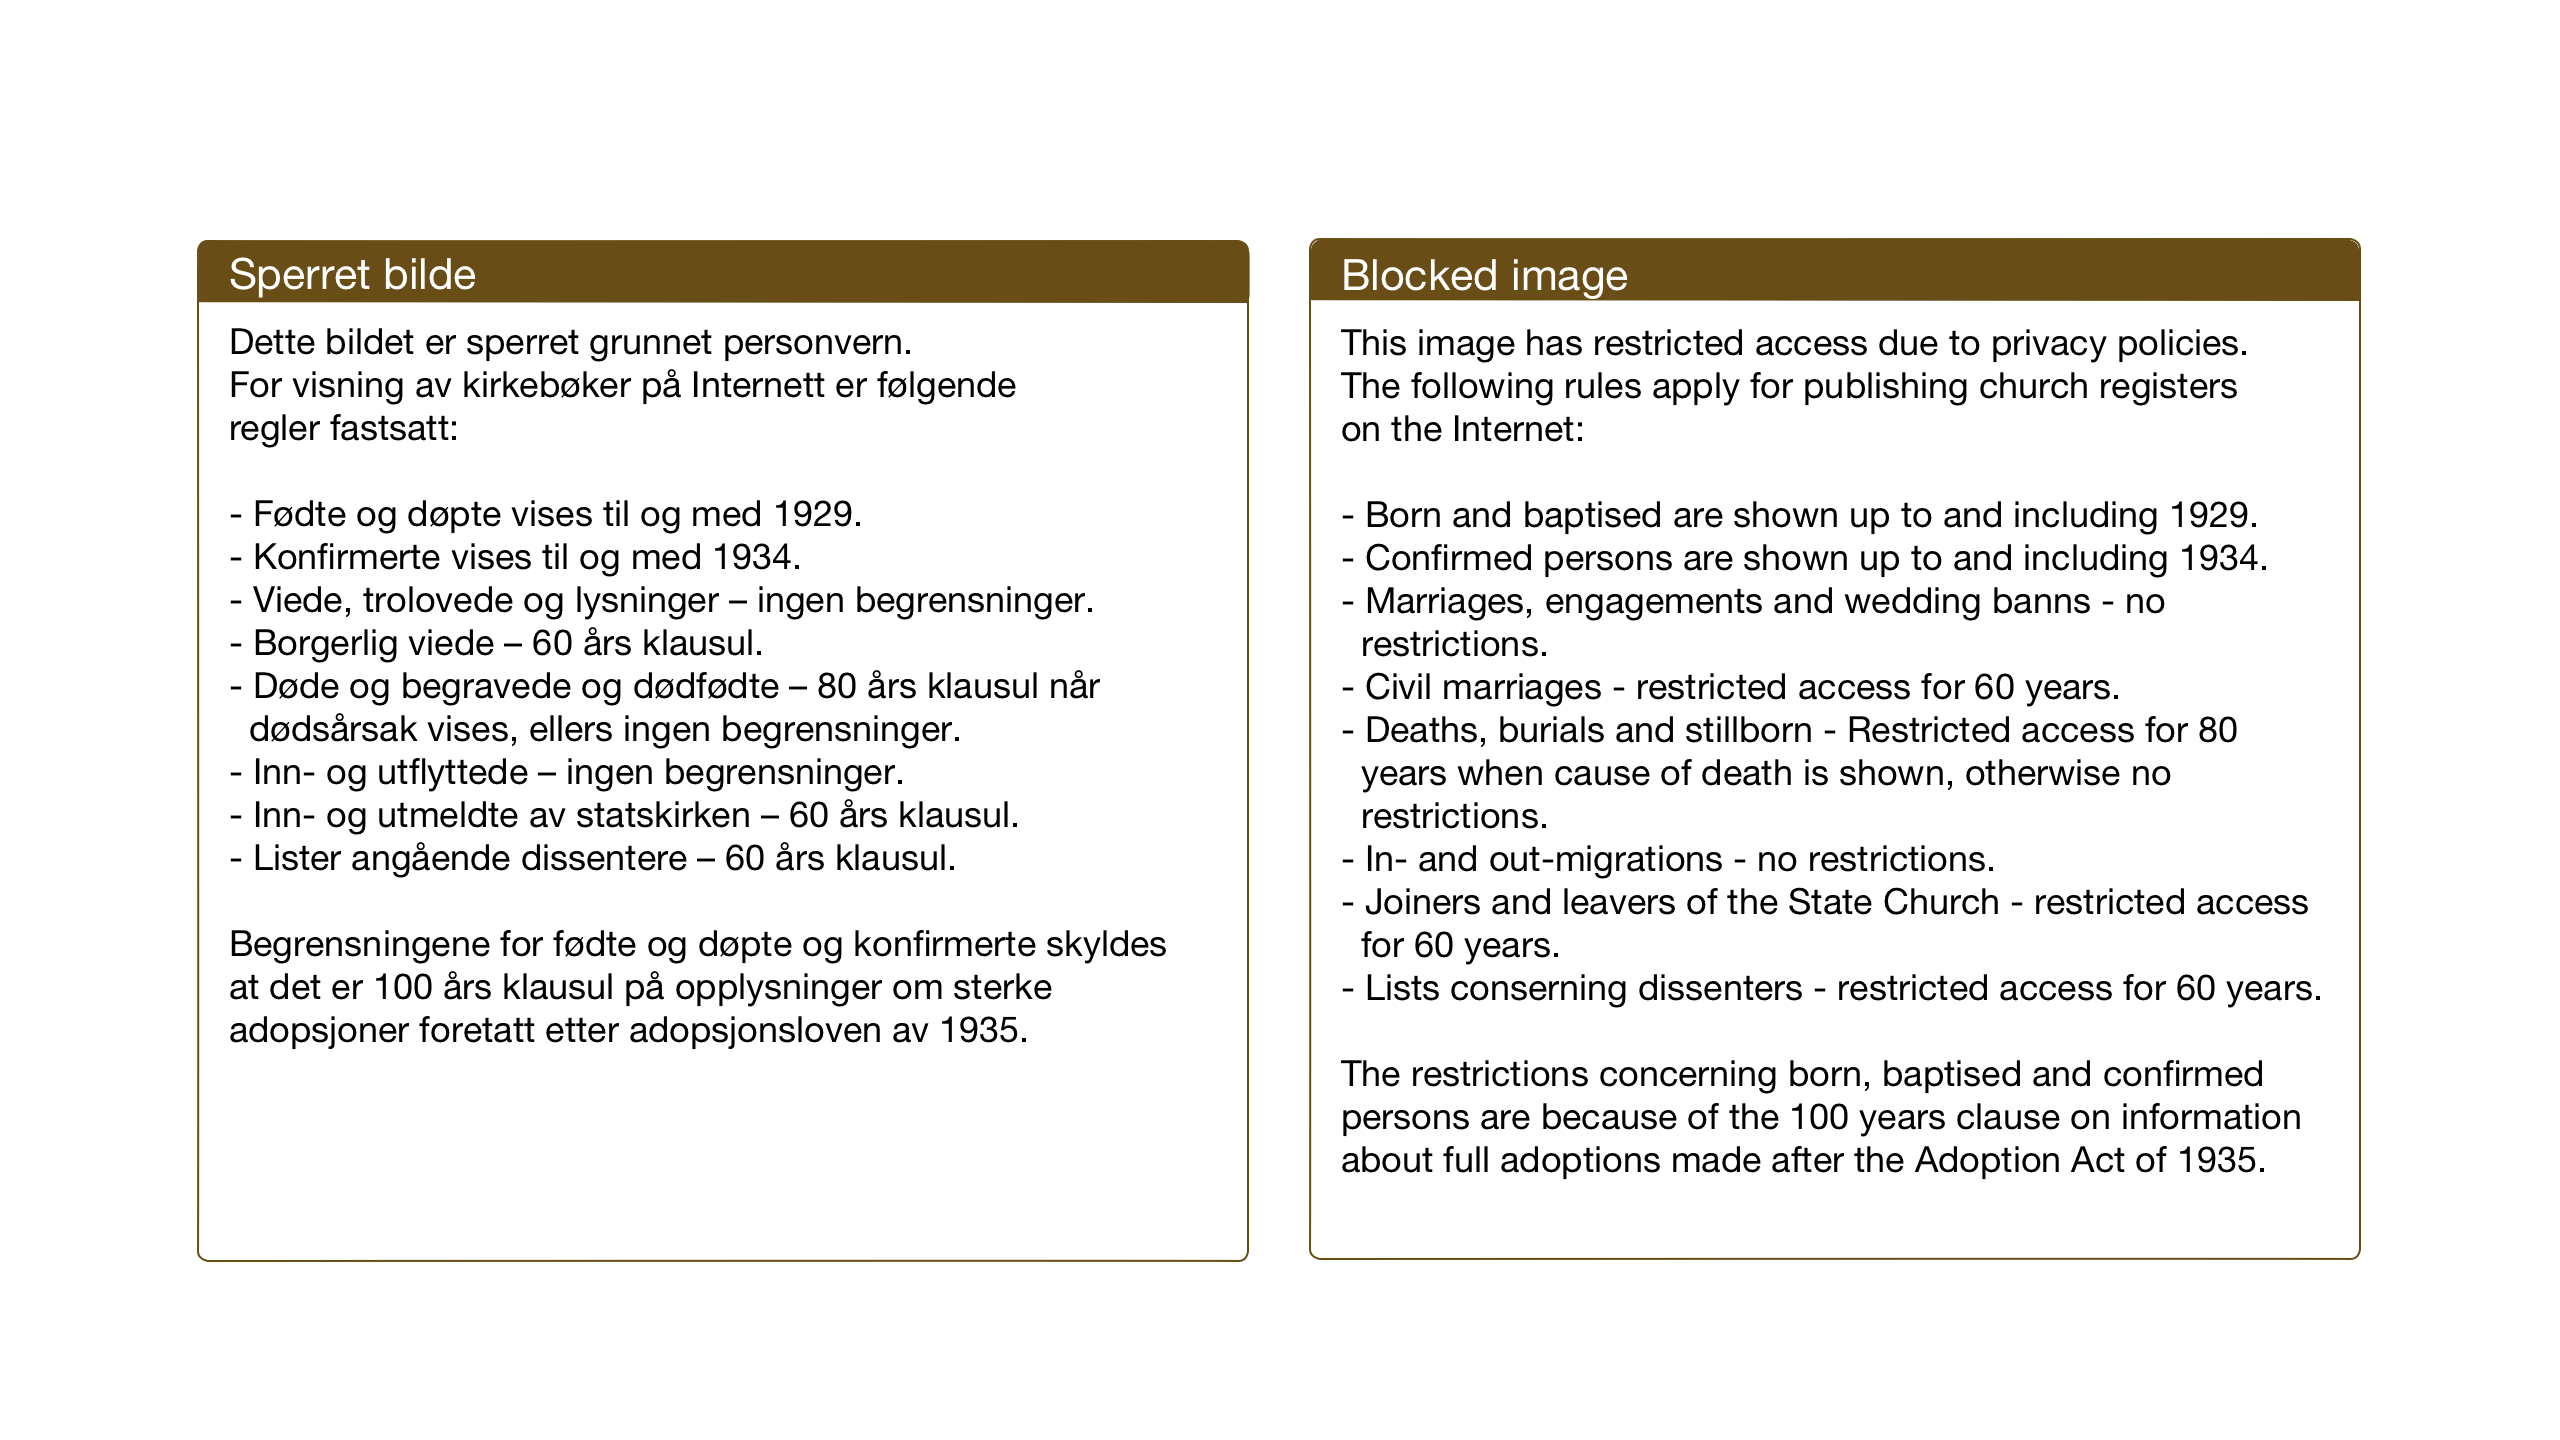 SAT, Ministerialprotokoller, klokkerbøker og fødselsregistre - Sør-Trøndelag, 603/L0173: Klokkerbok nr. 603C01, 1907-1962, s. 104